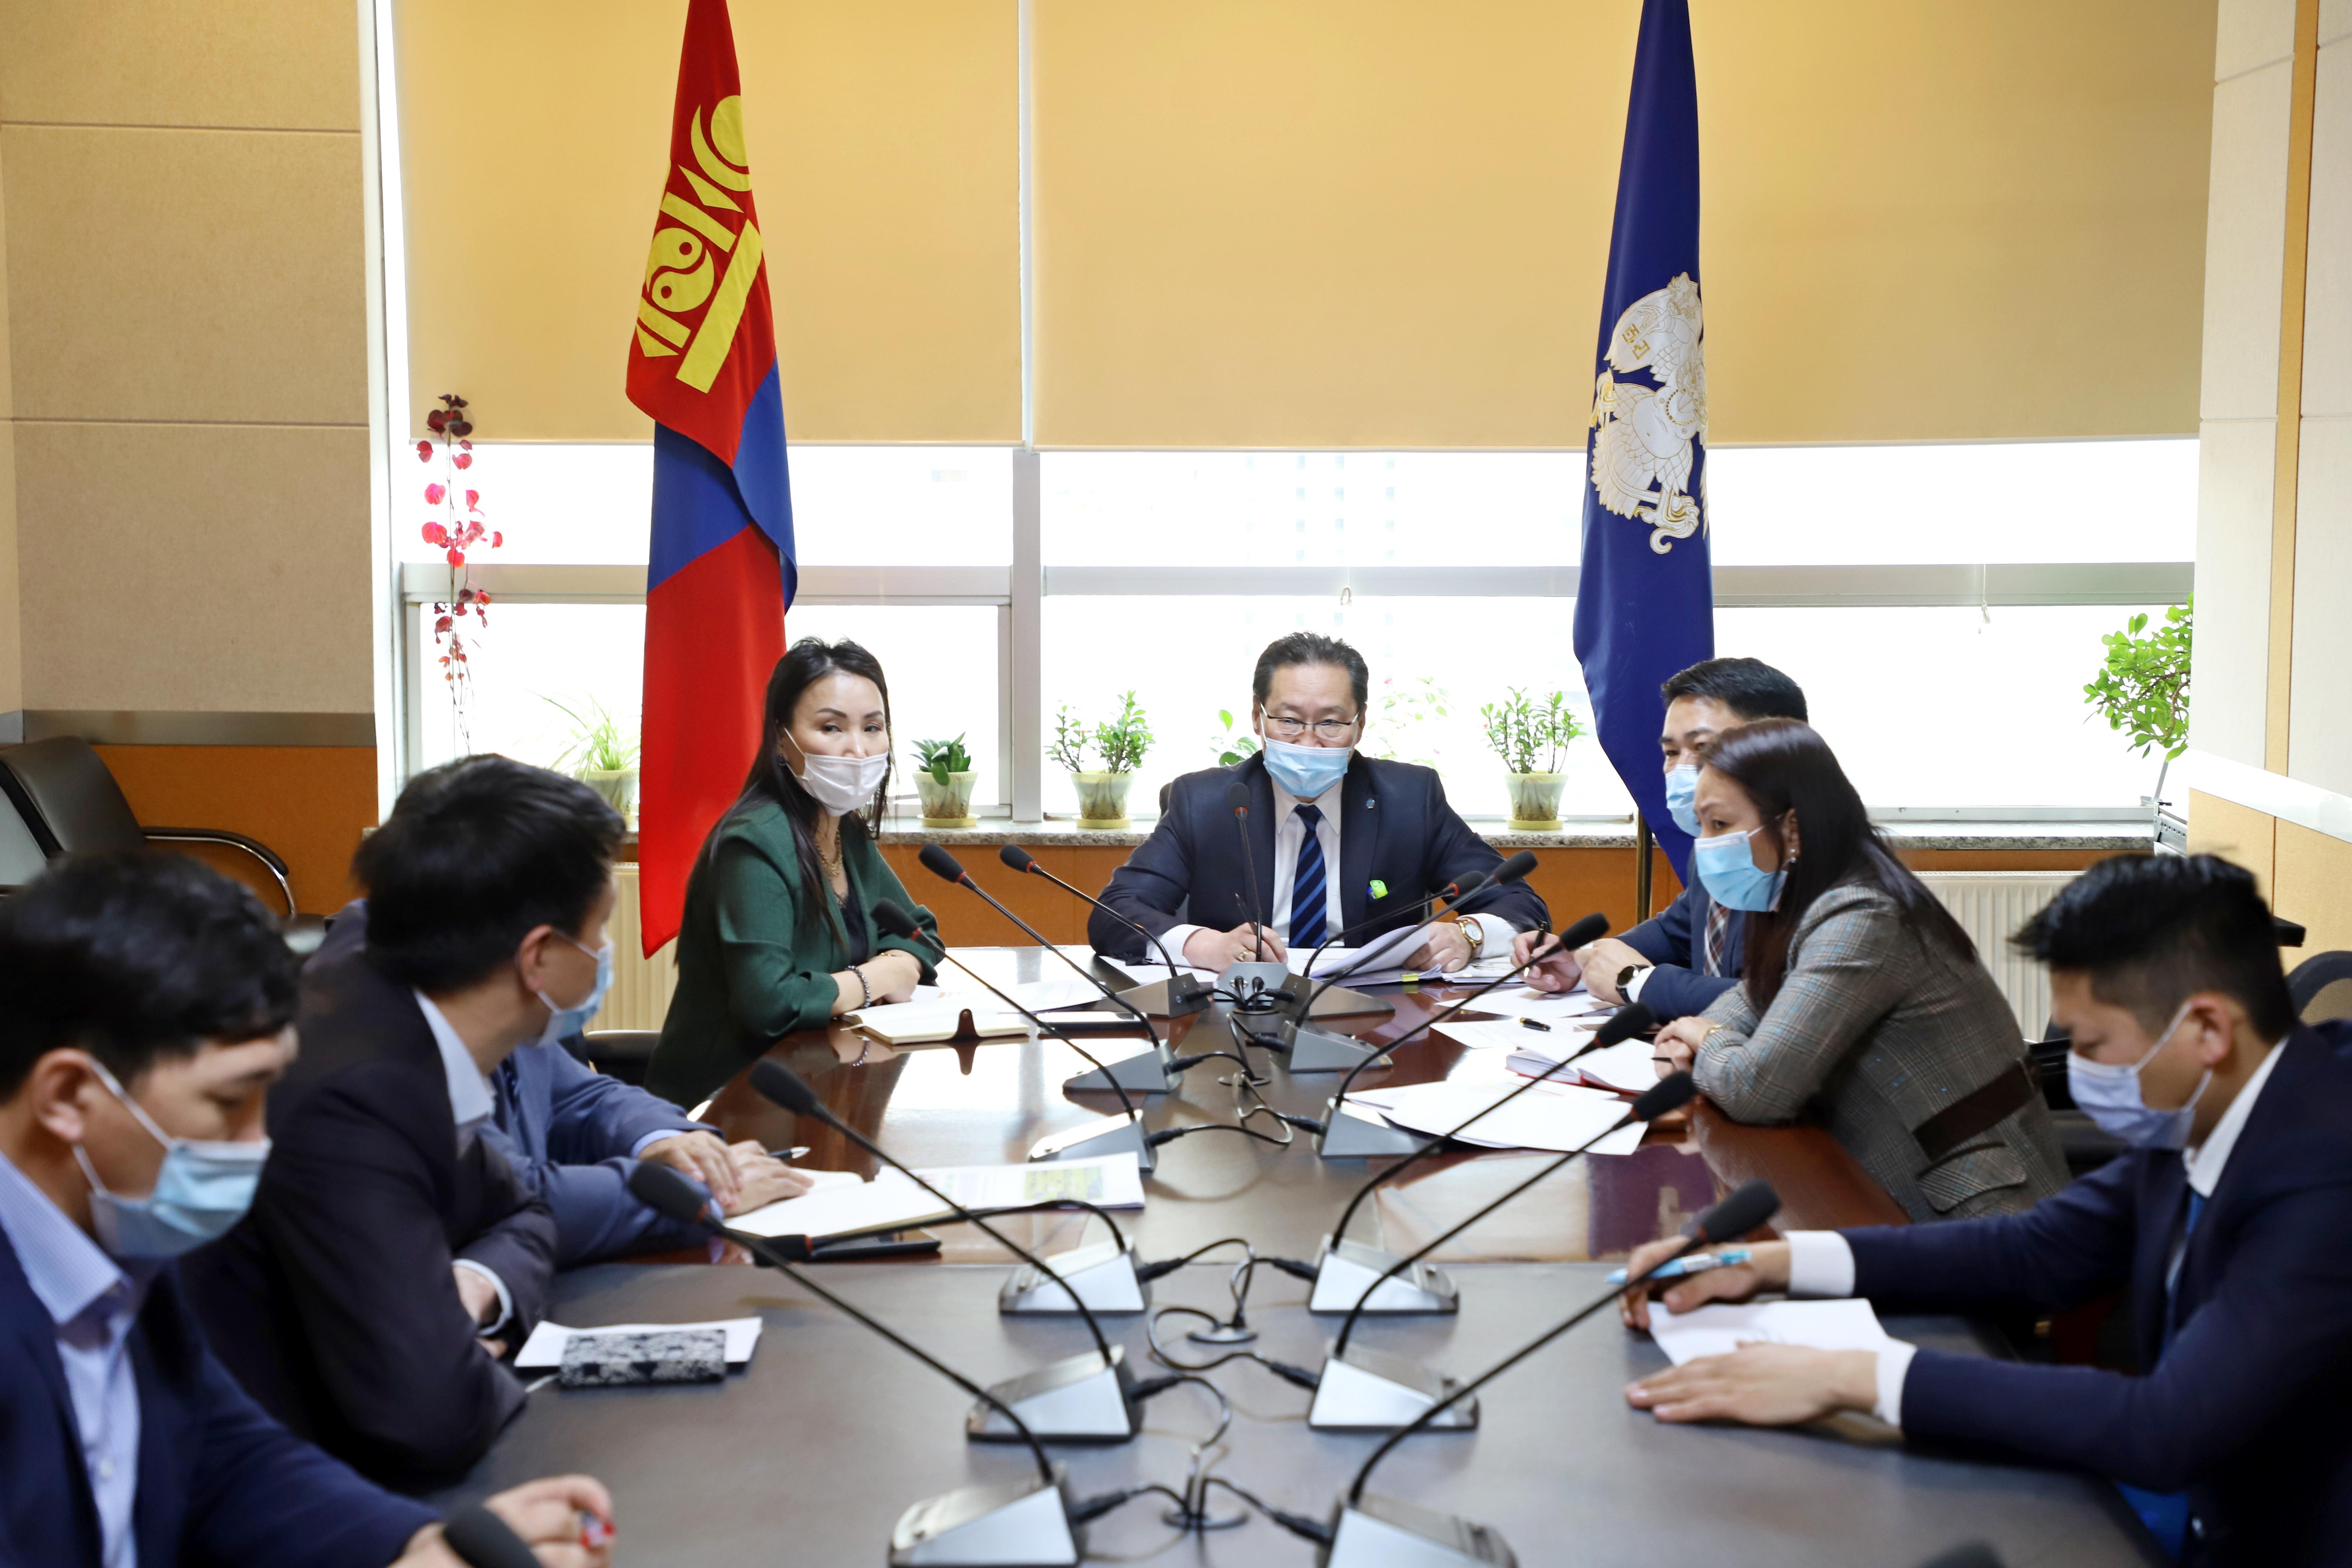 Монгол наадам цогцолборын асуудлаар хуралдав